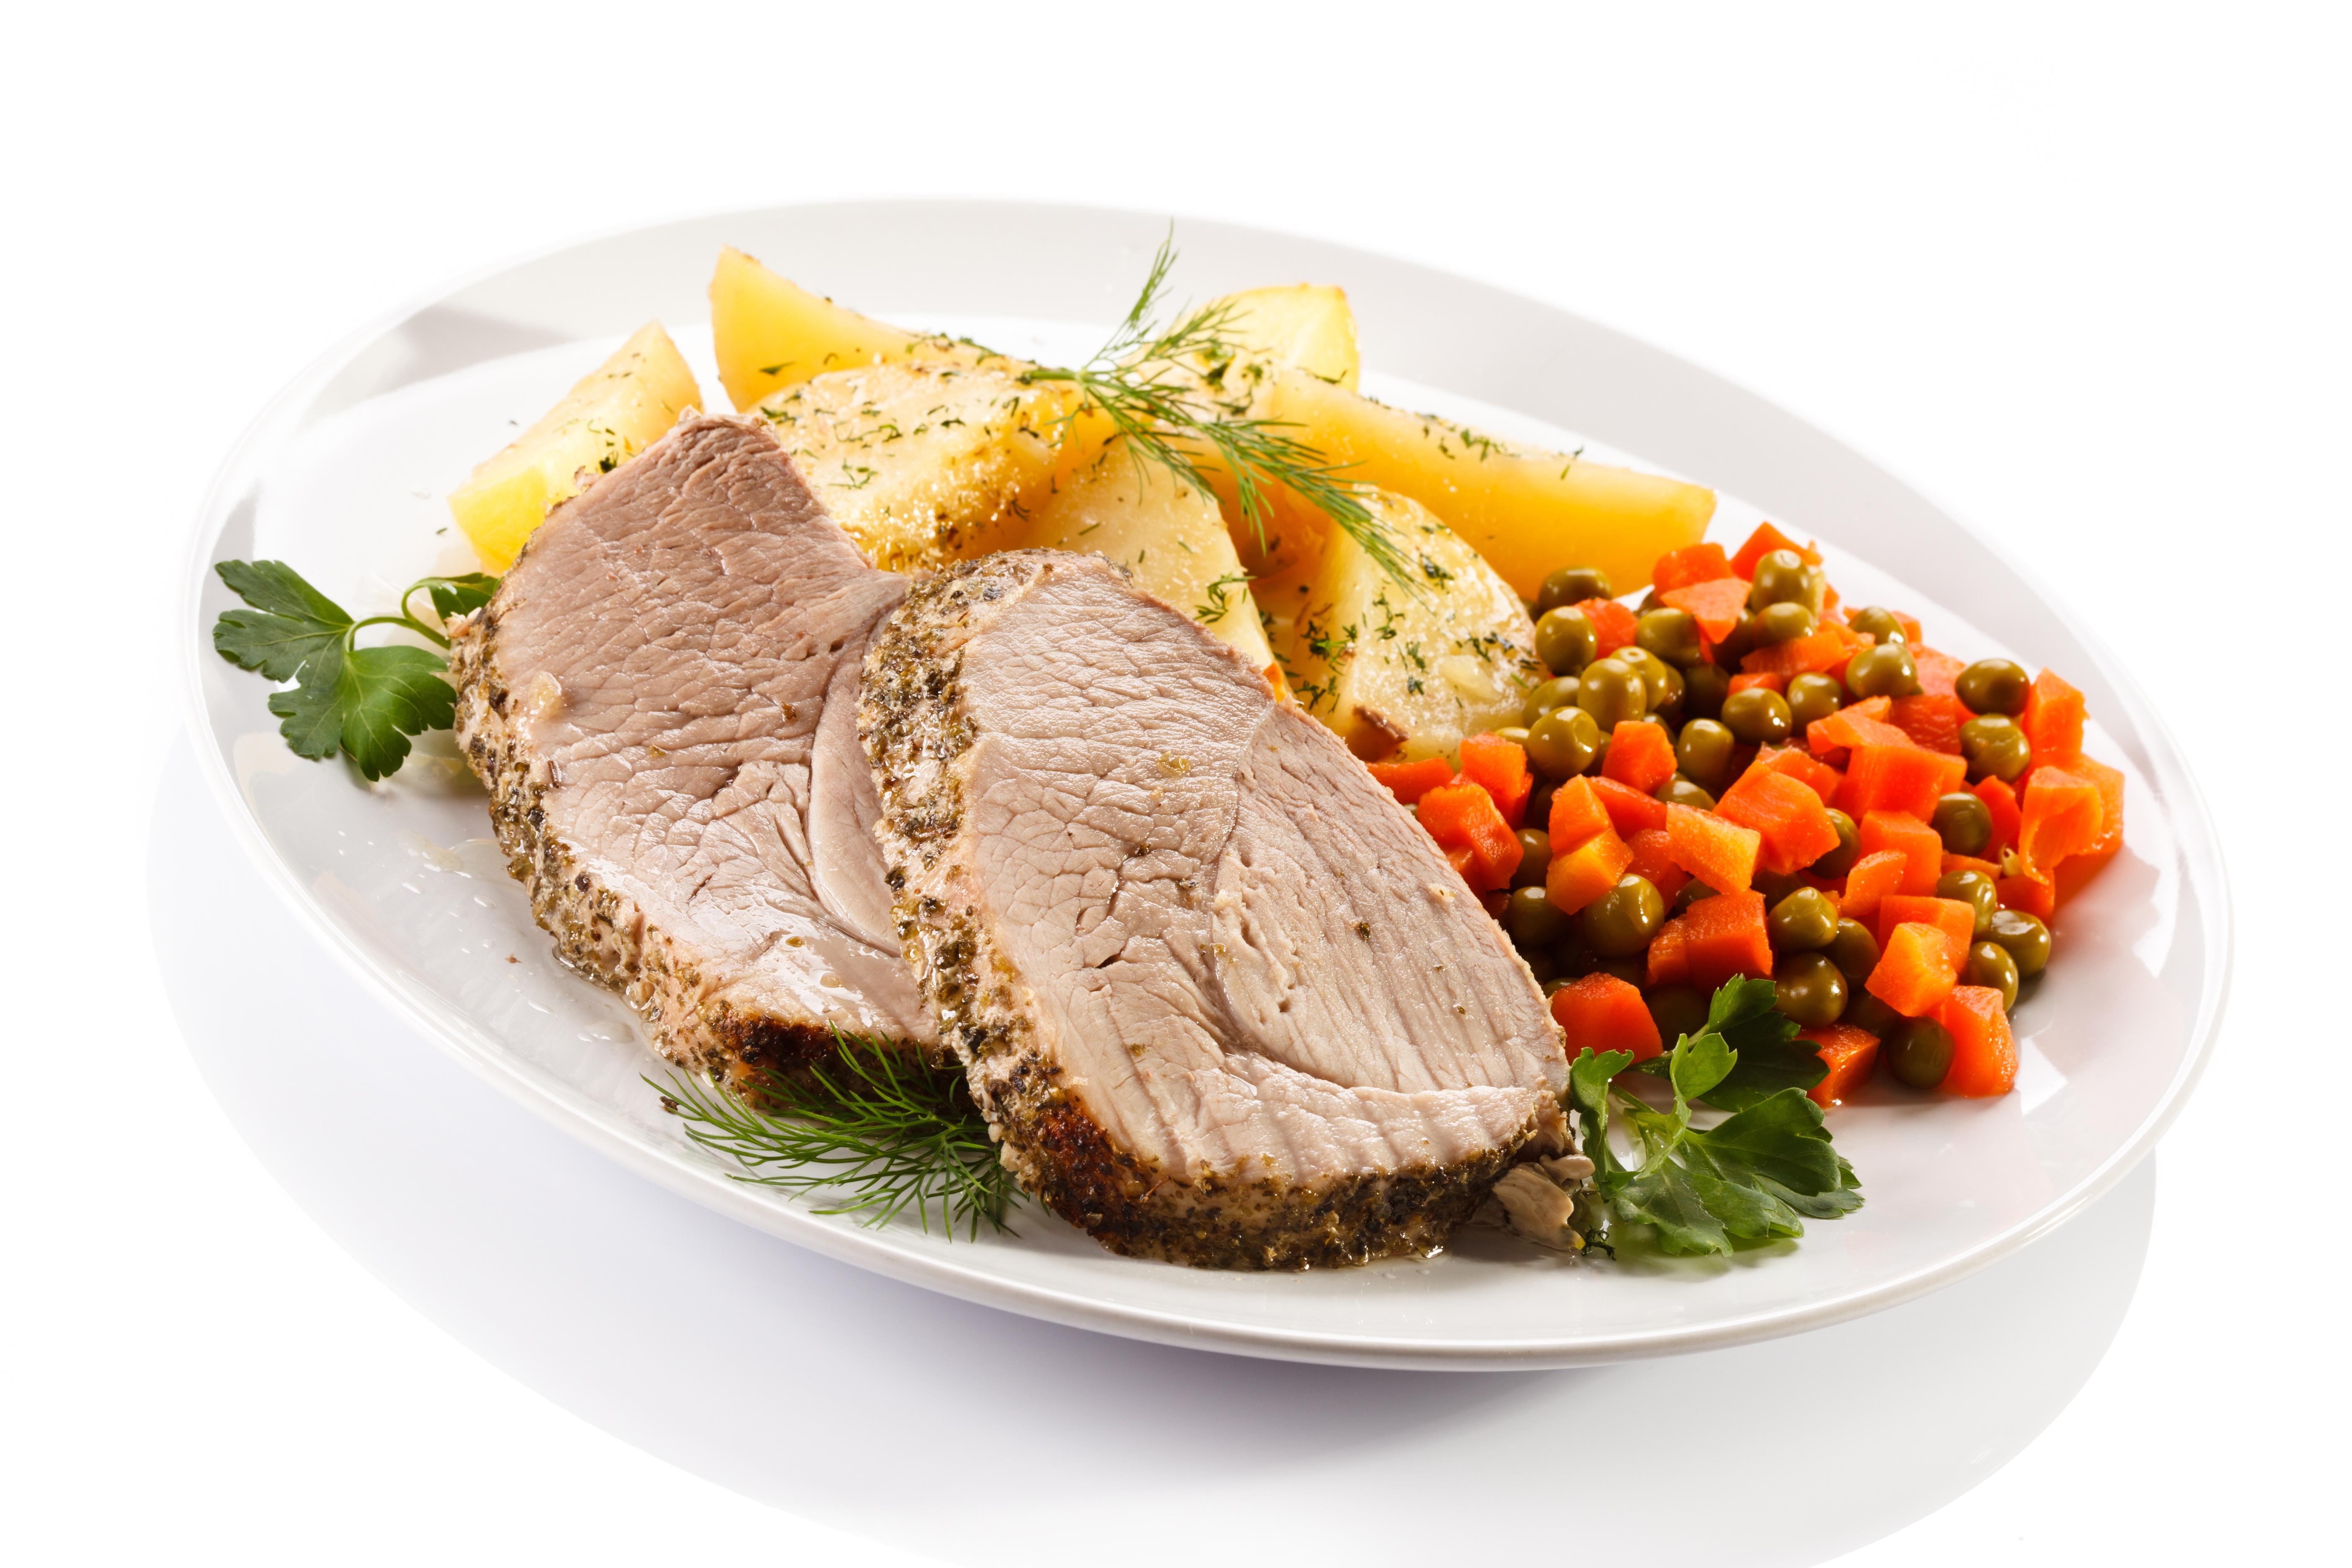 Фото Картофель Еда Овощи Тарелка белым фоном Мясные продукты Вторые блюда 5616x3744 картошка Пища тарелке Продукты питания Белый фон белом фоне